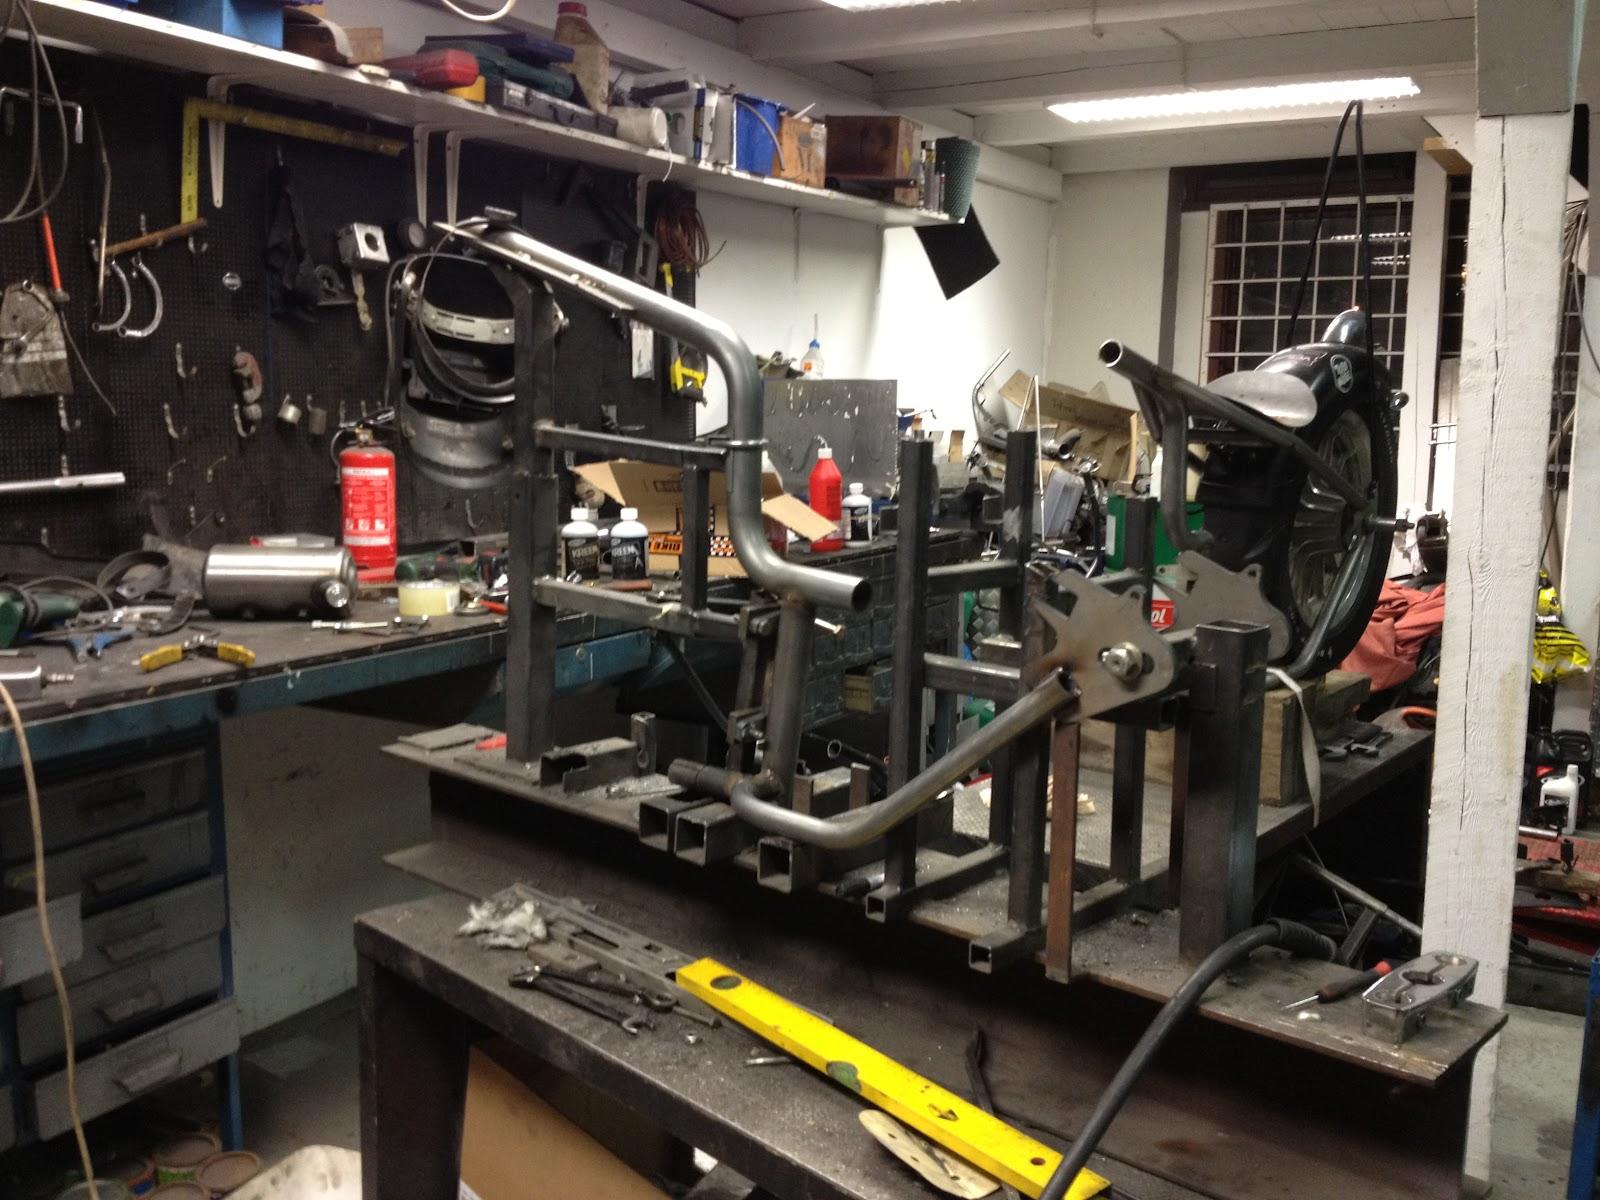 f383c499bd76 Detta skall göras på stelbenssportster!!! Vi håller nu på som bäst att få  klart allt som skall monteras på de tre bågarna vi har därborta.